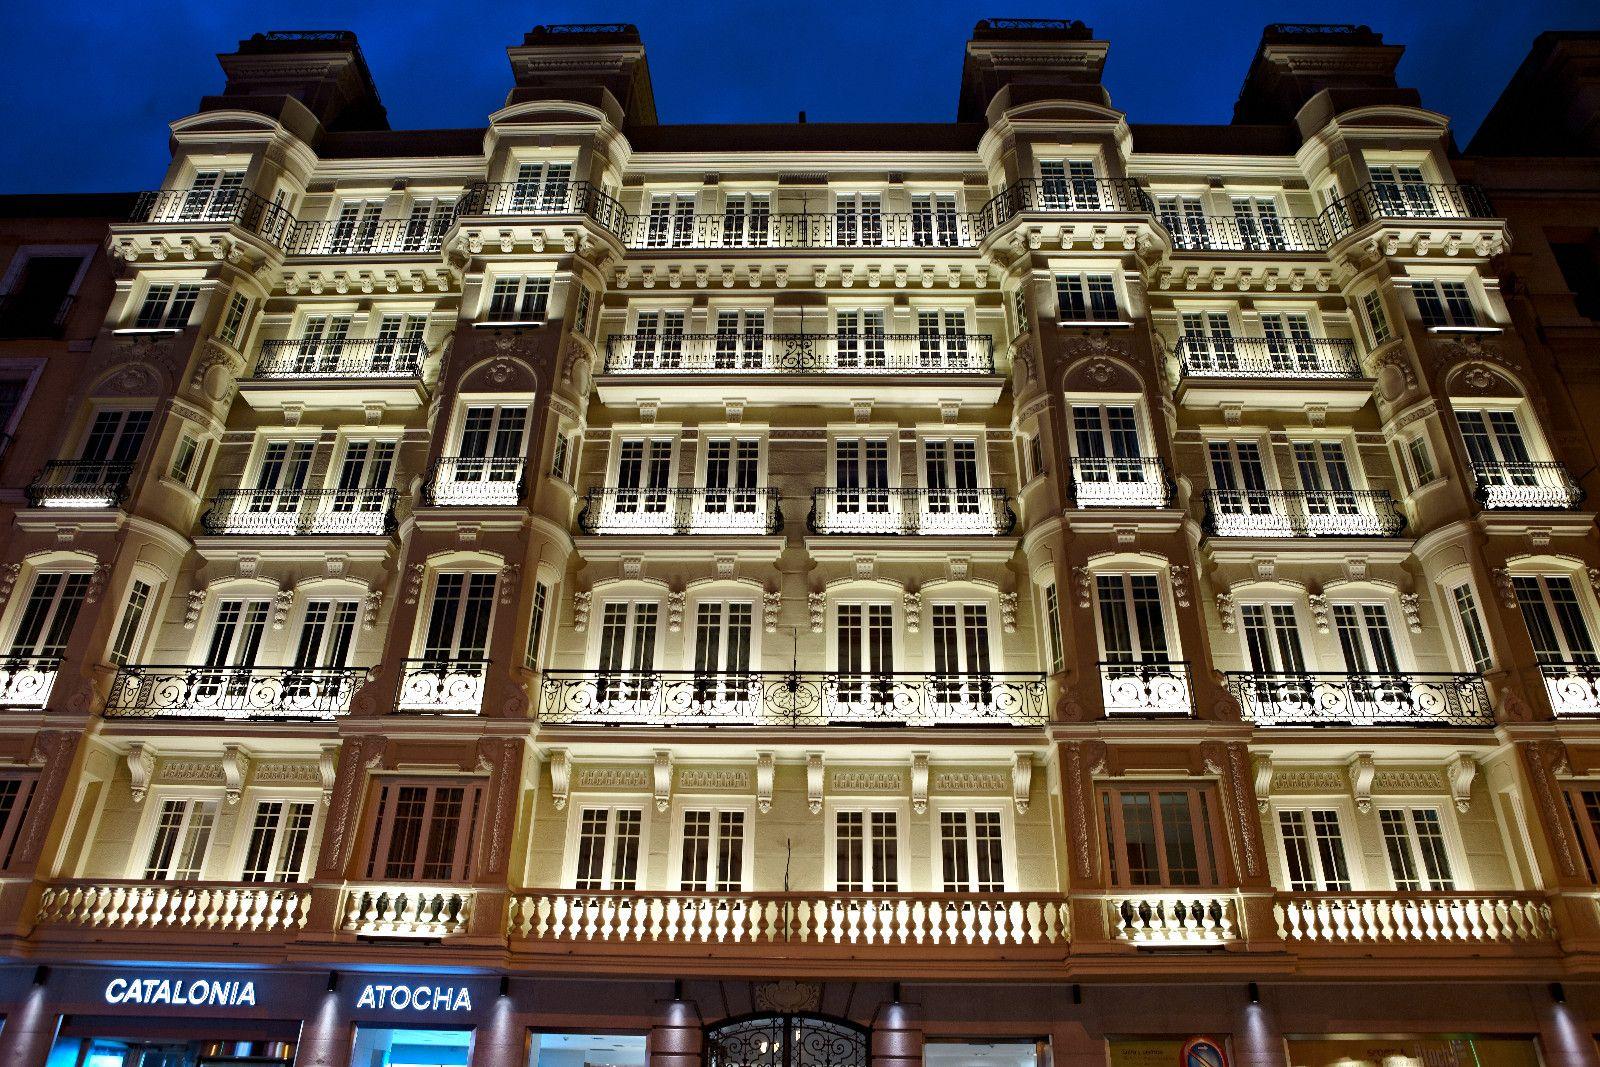 Hotel en Madrid con ventanas madera DJ68 y 45dB de atenuación ...